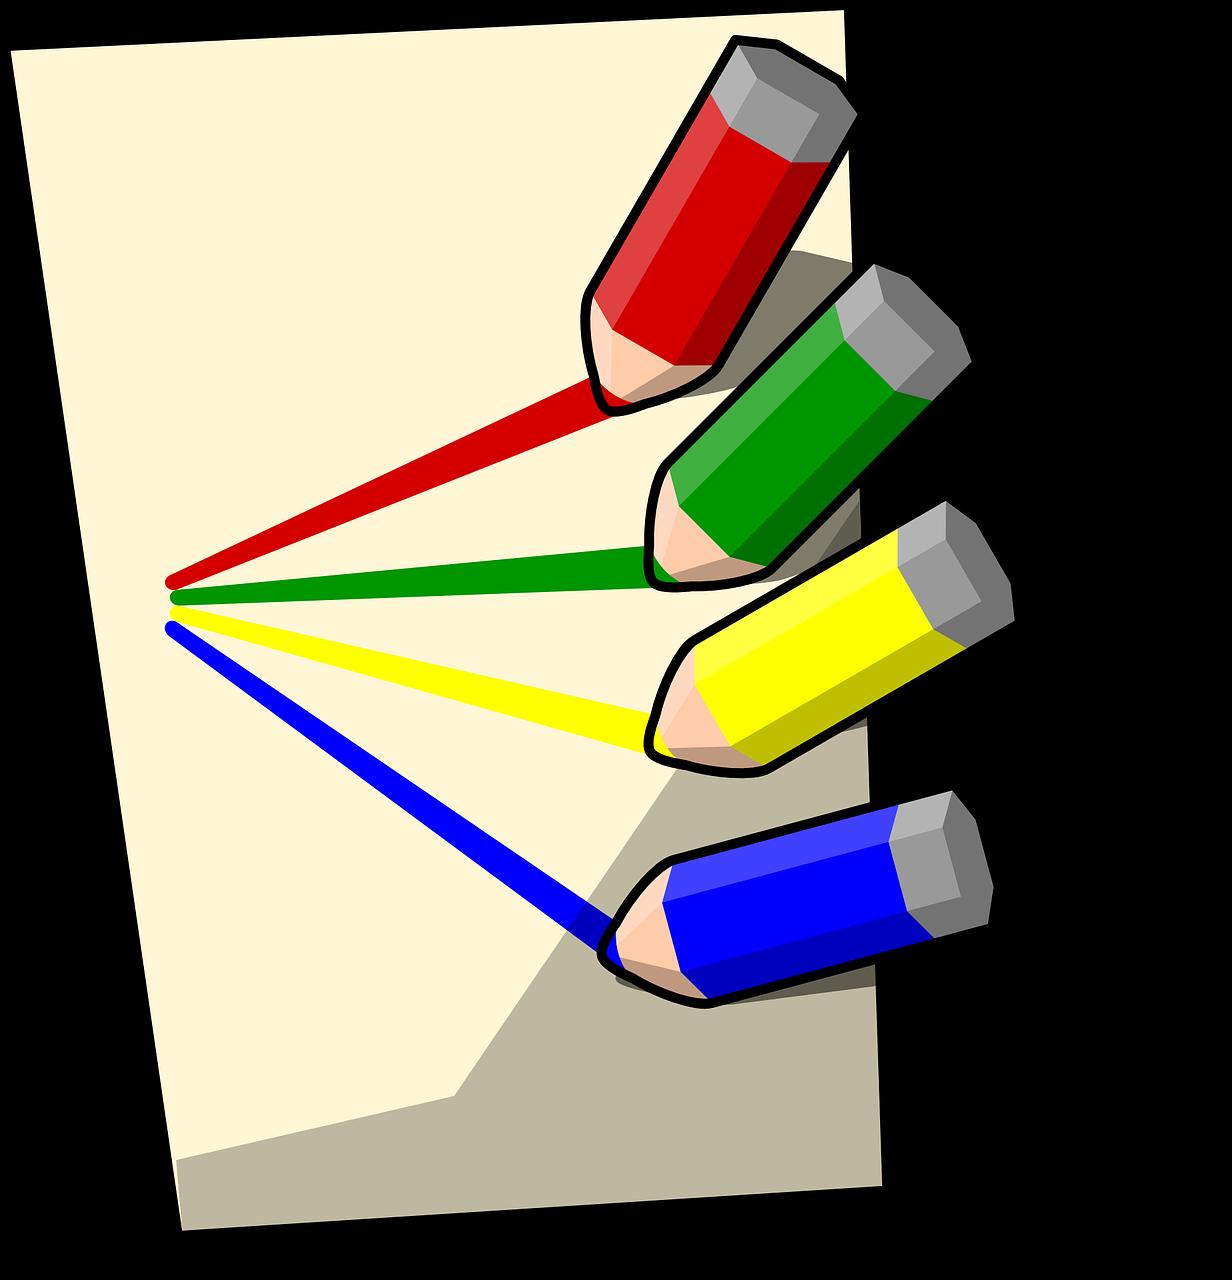 デジタルイラスト デジタル絵 RGB CMYK